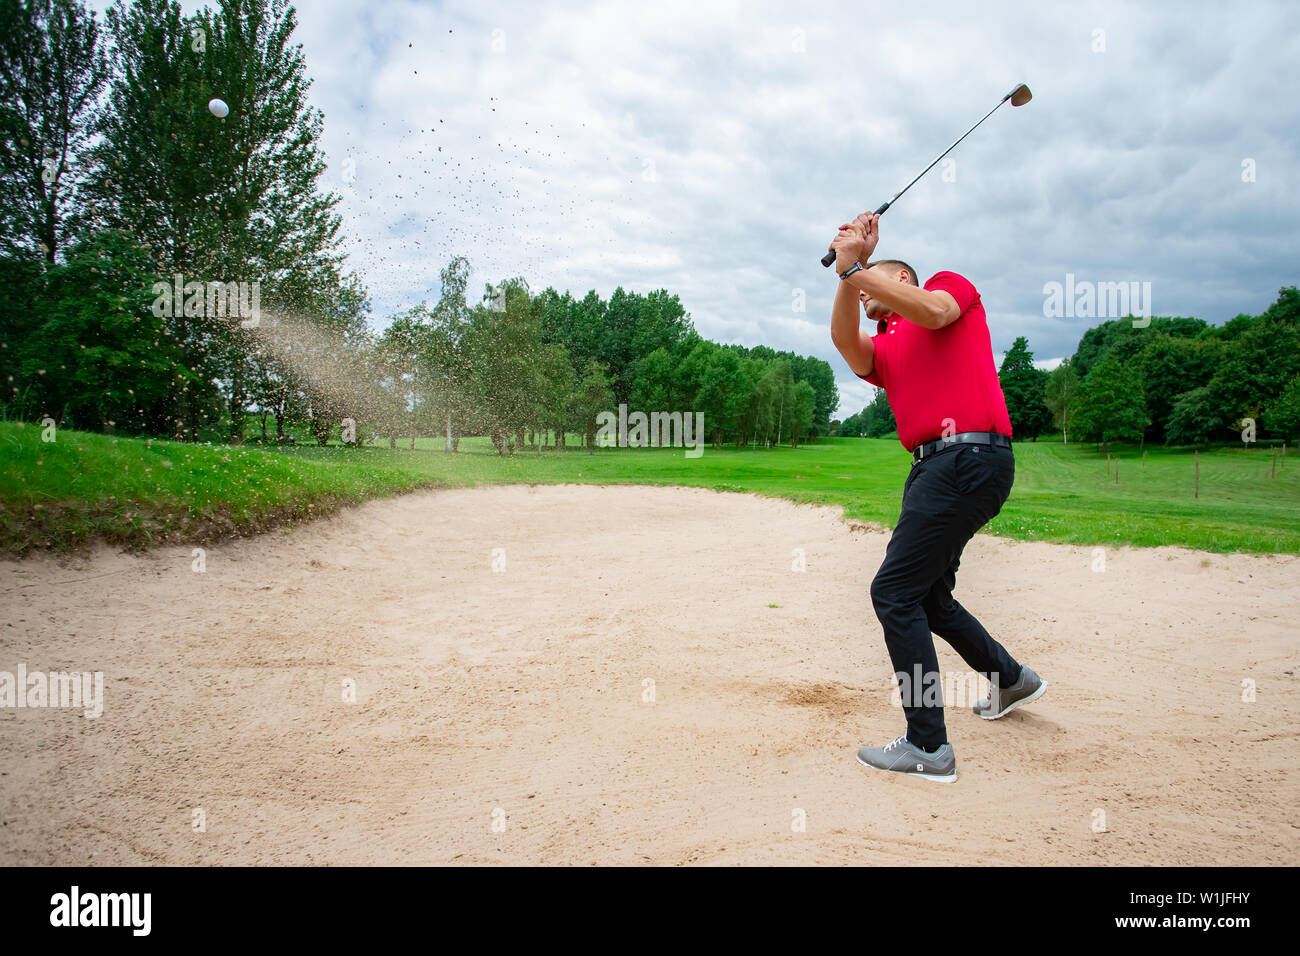 Un golfeur professionnel jouant une partie de golf. Banque D'Images